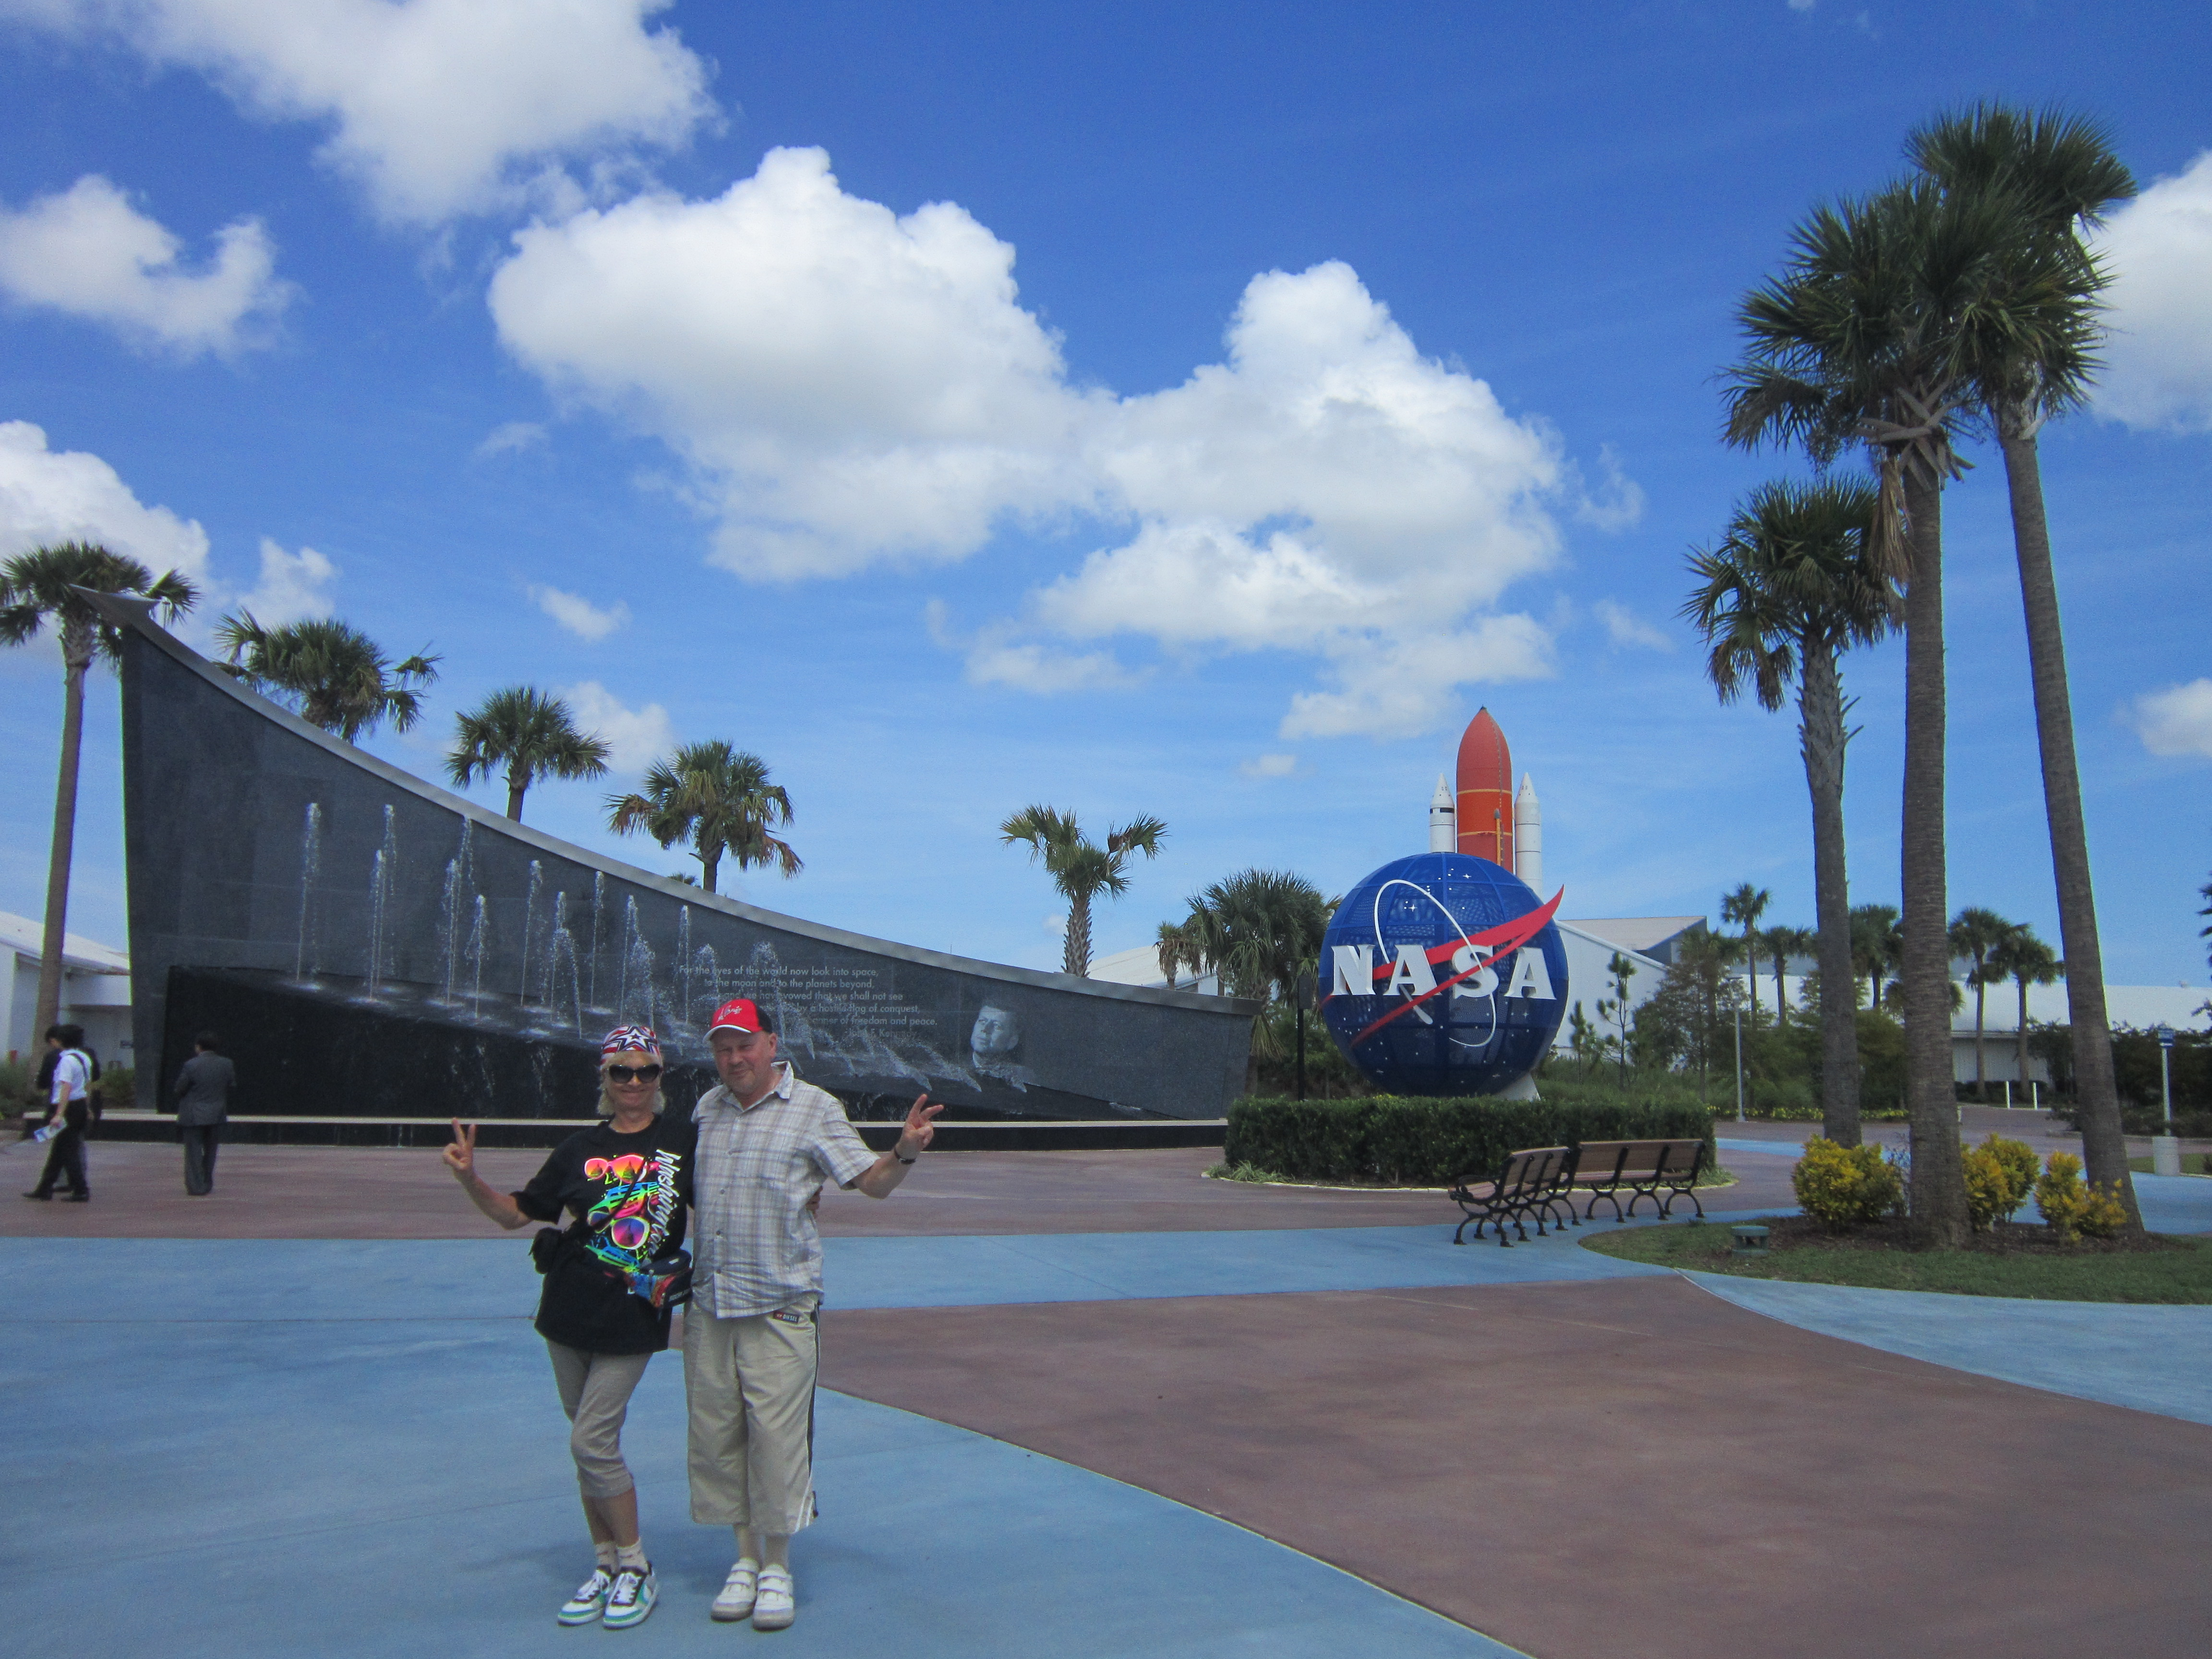 Космический центр NASA производит сильное впечатление